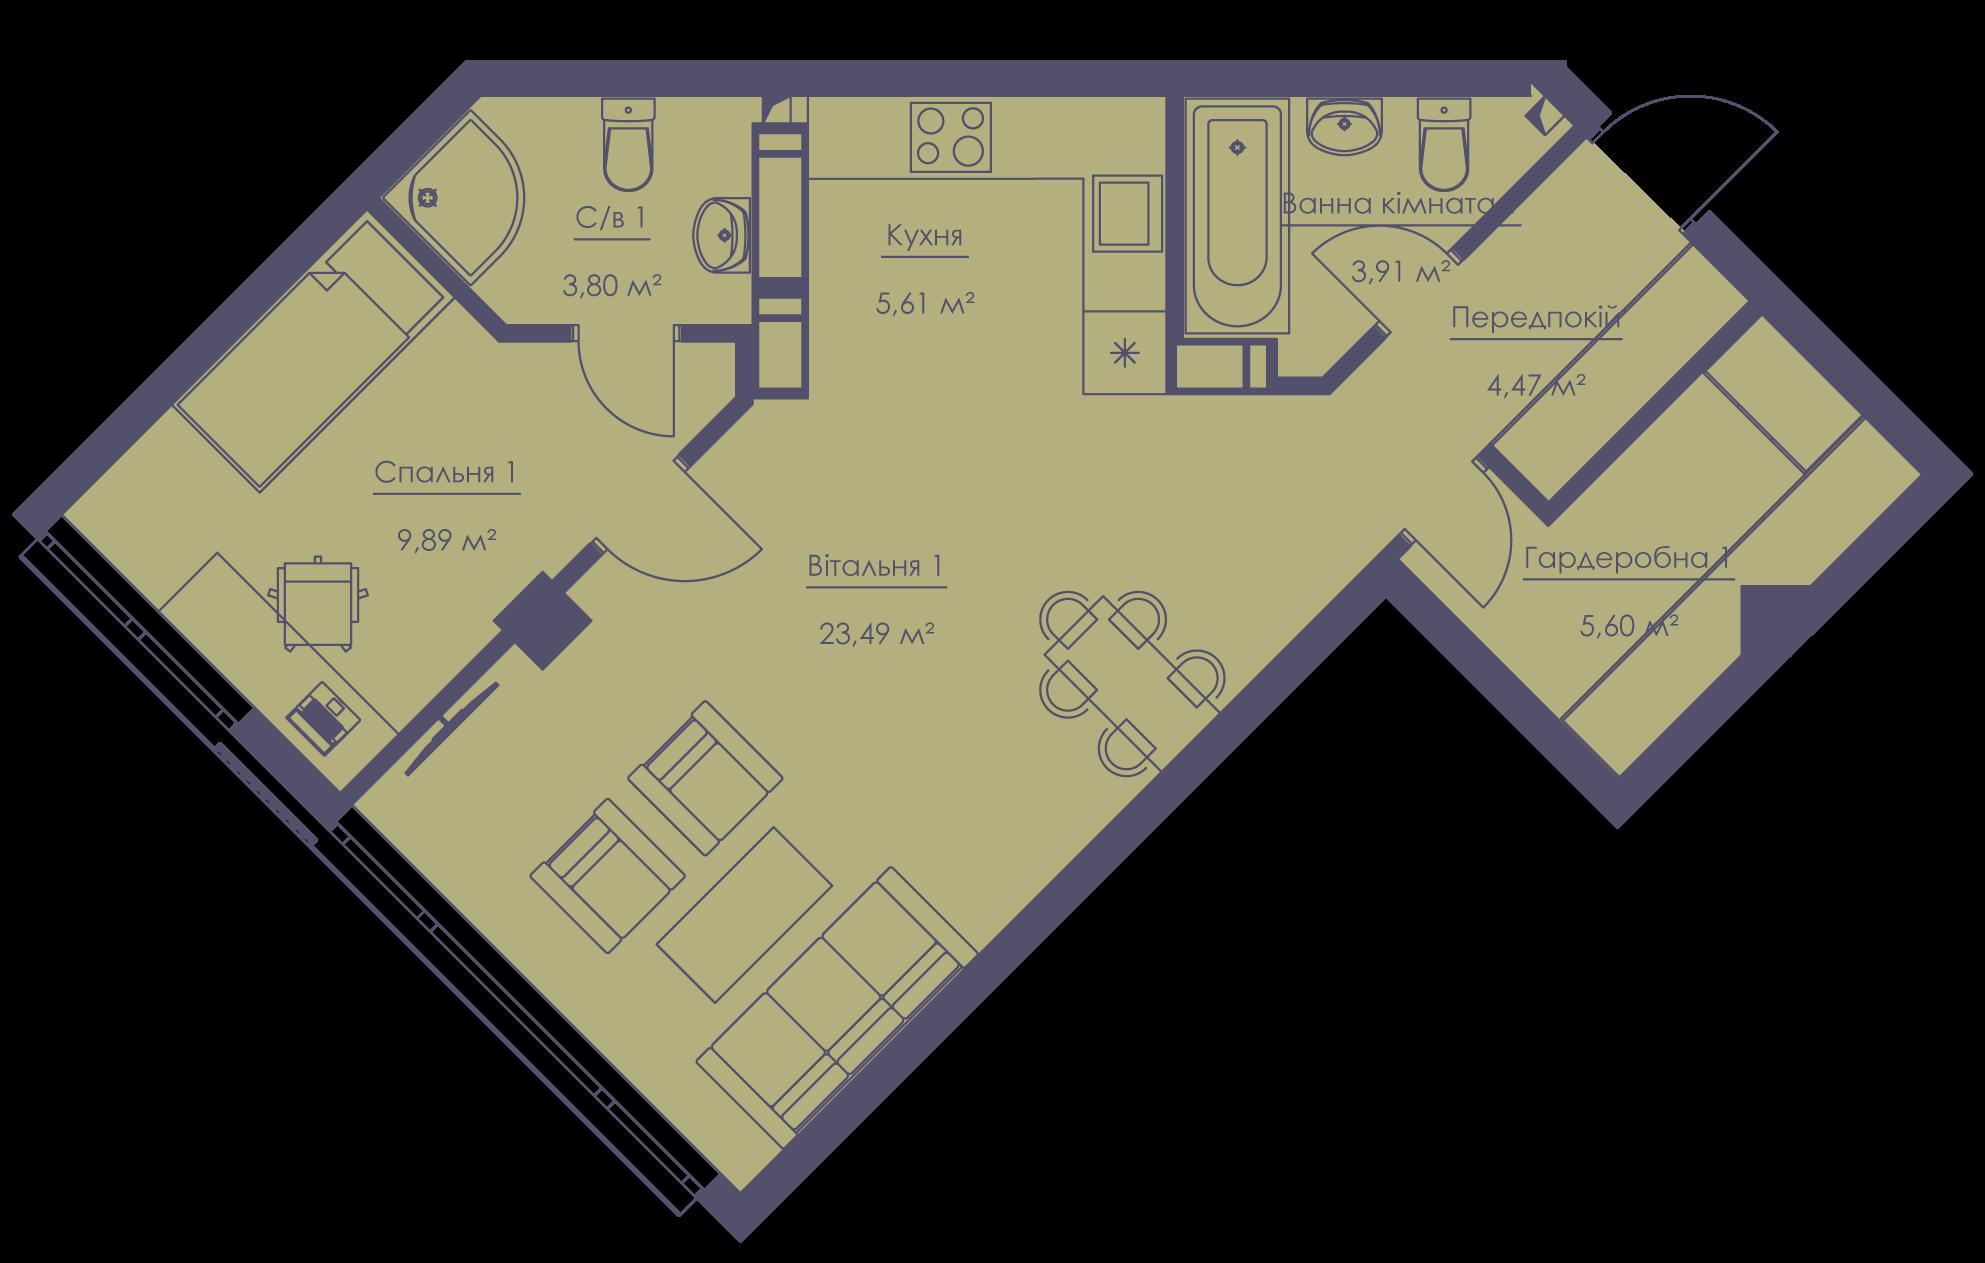 Apartment layout KV_105_2b_1_1_4-1